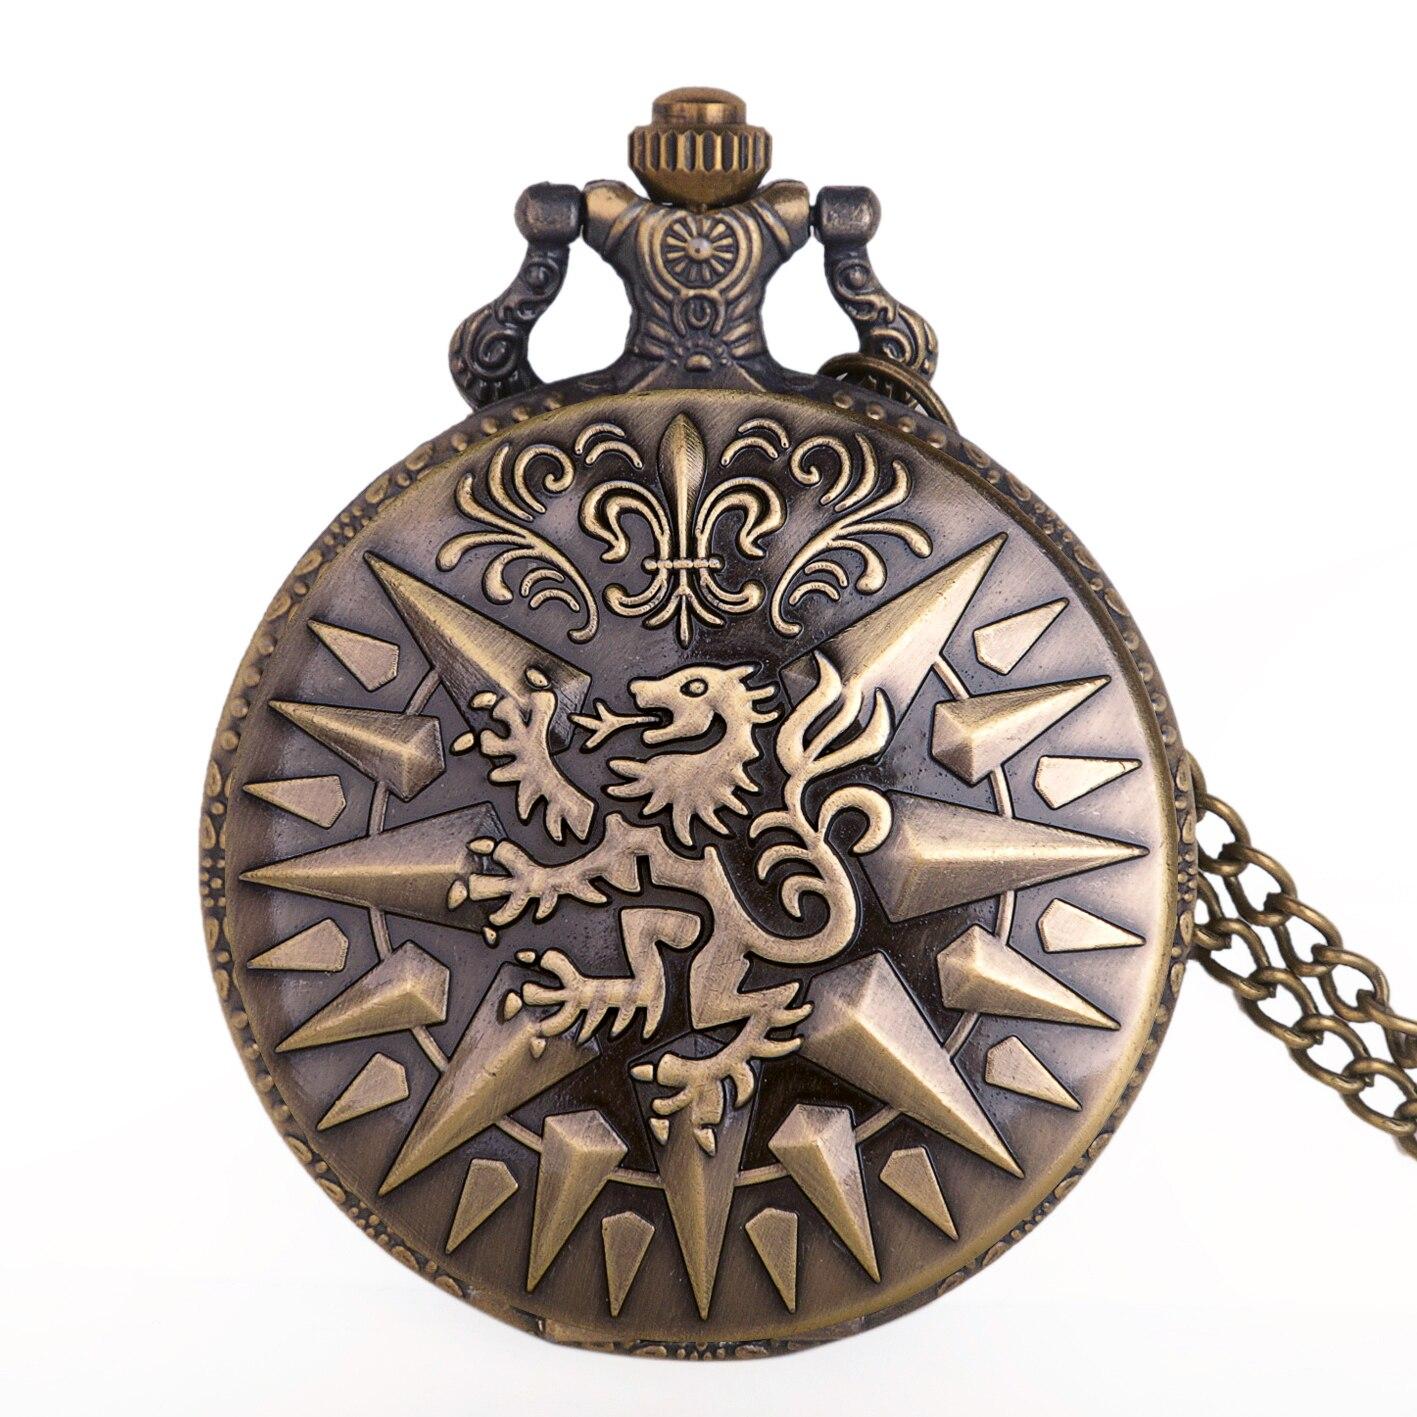 Lion Roman Numerals Color Dial Quartz Pocket Watch Analog Pendant Necklace Mens Womens Watches Chain TD2064